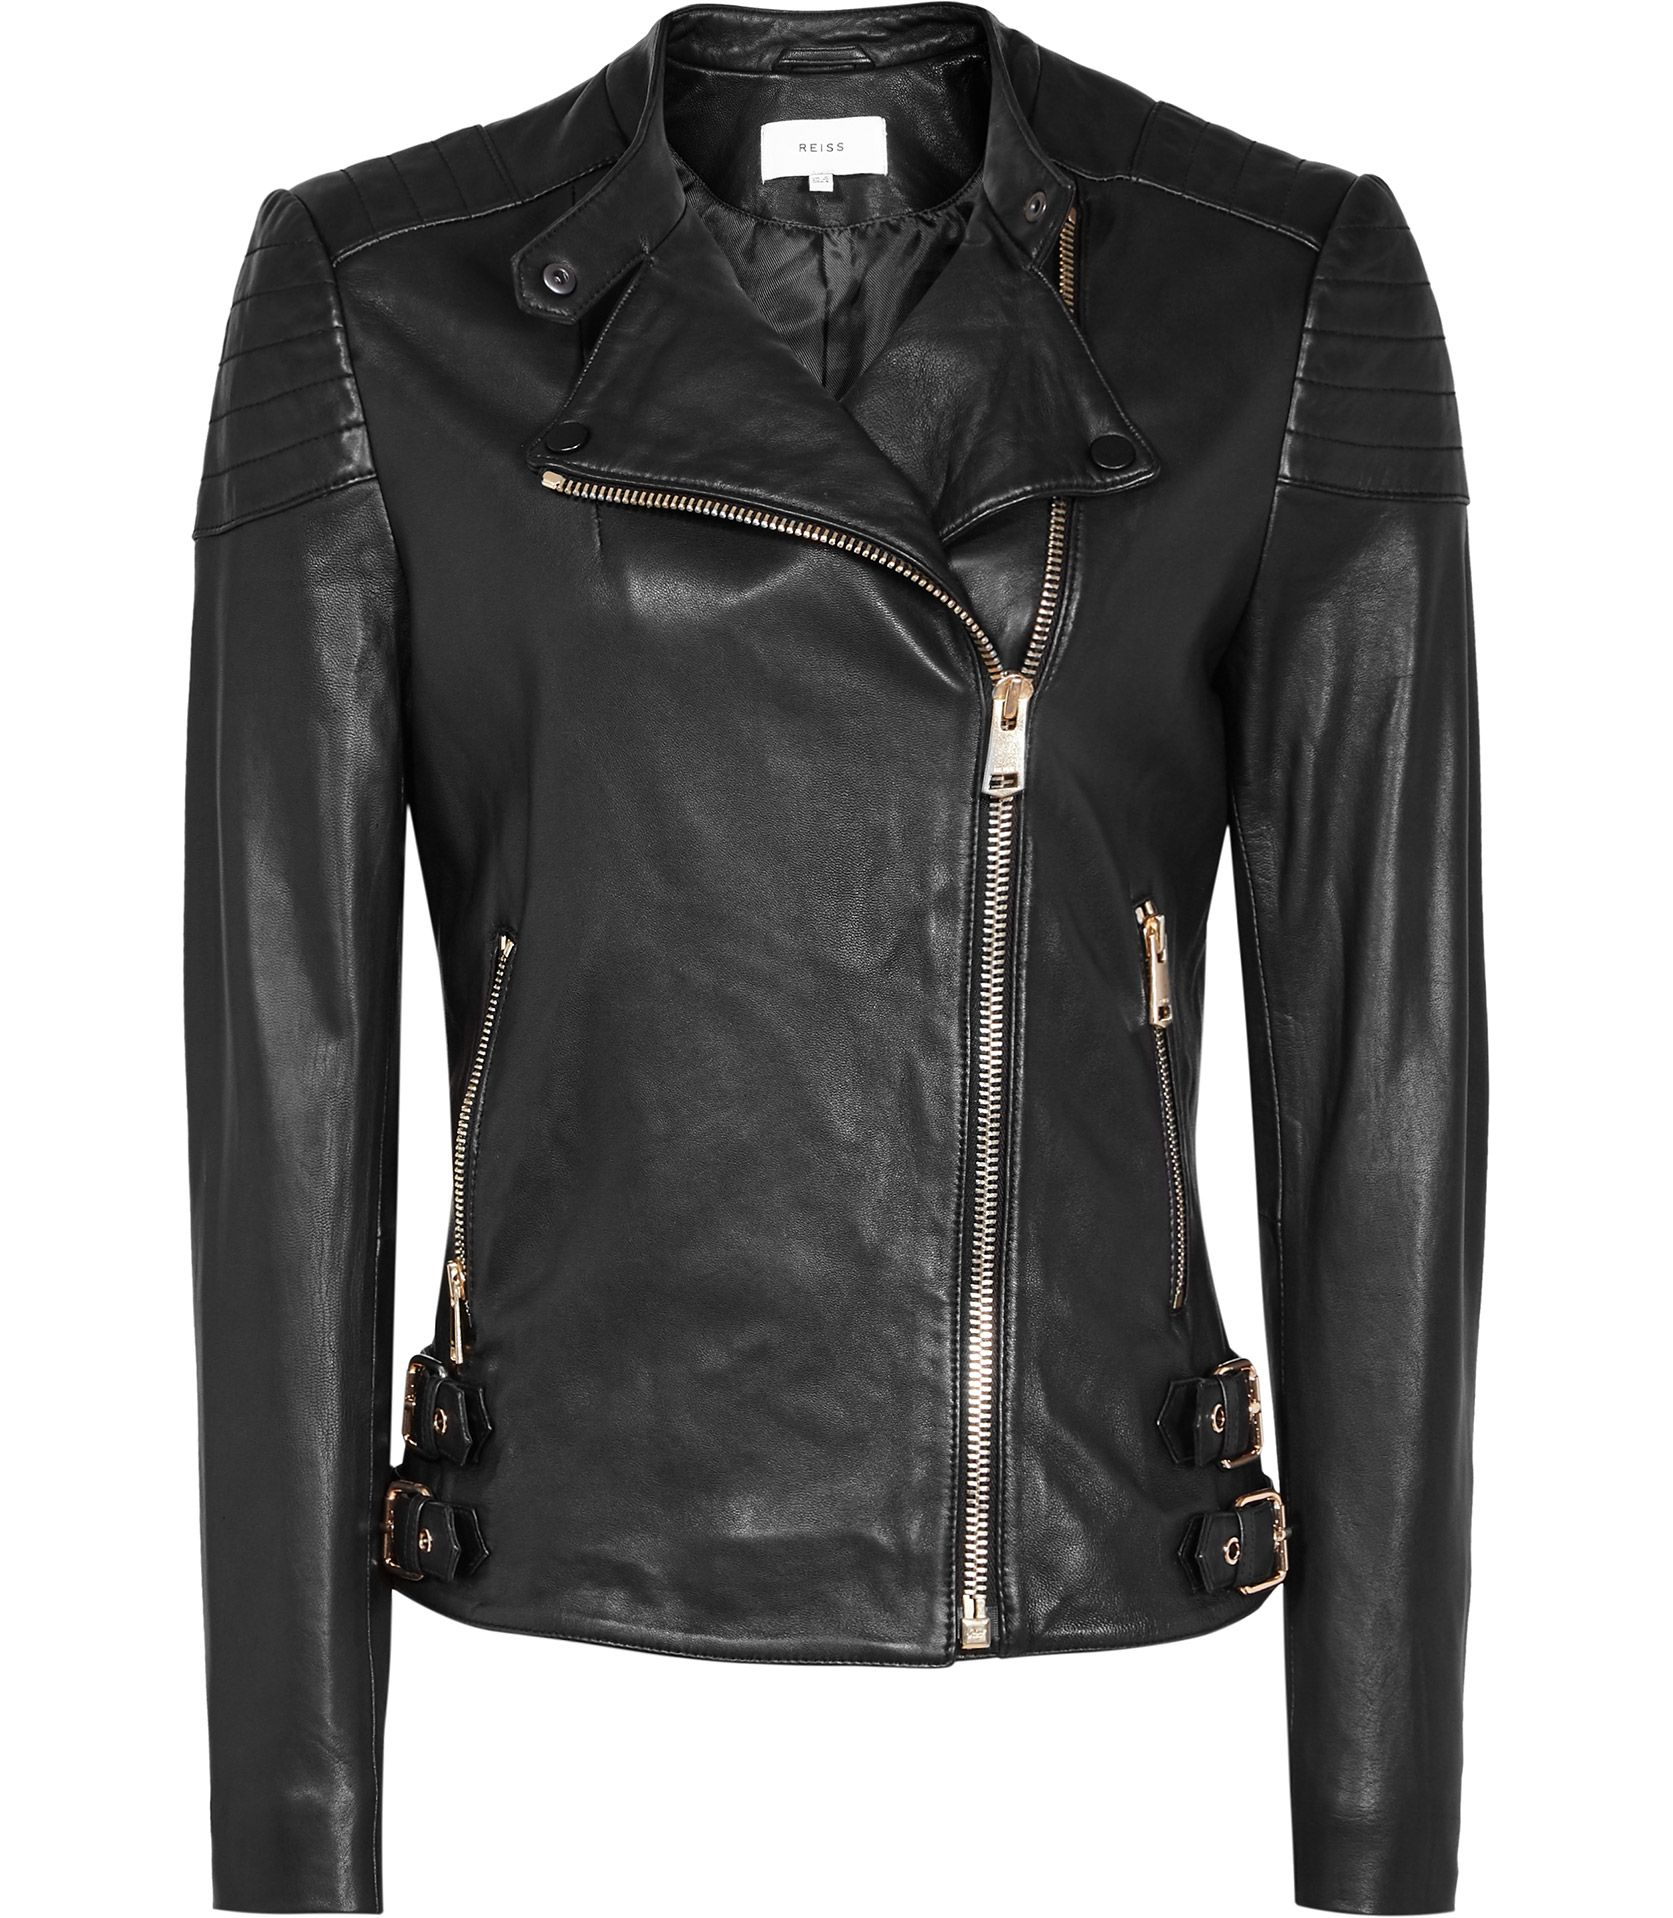 Womens Black Leather Biker Jacket Reiss Shelby Leather Jackets Women Leather Jacket Fashion [ 1918 x 1673 Pixel ]